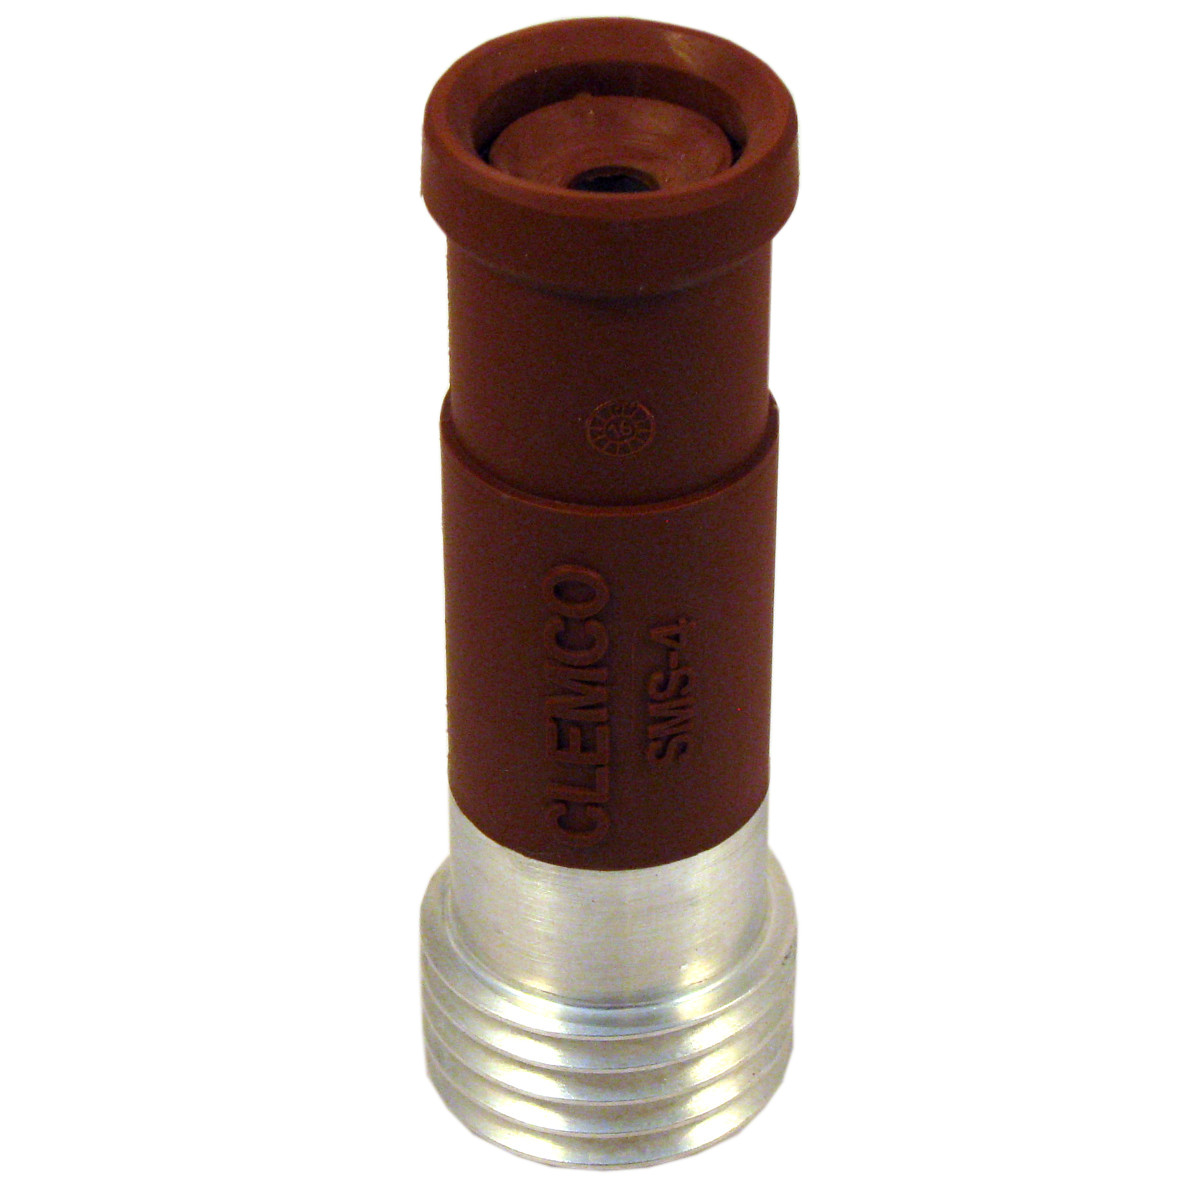 Brúsna tryska CLEMCO SMS-4 6,5 mm NOVINKA